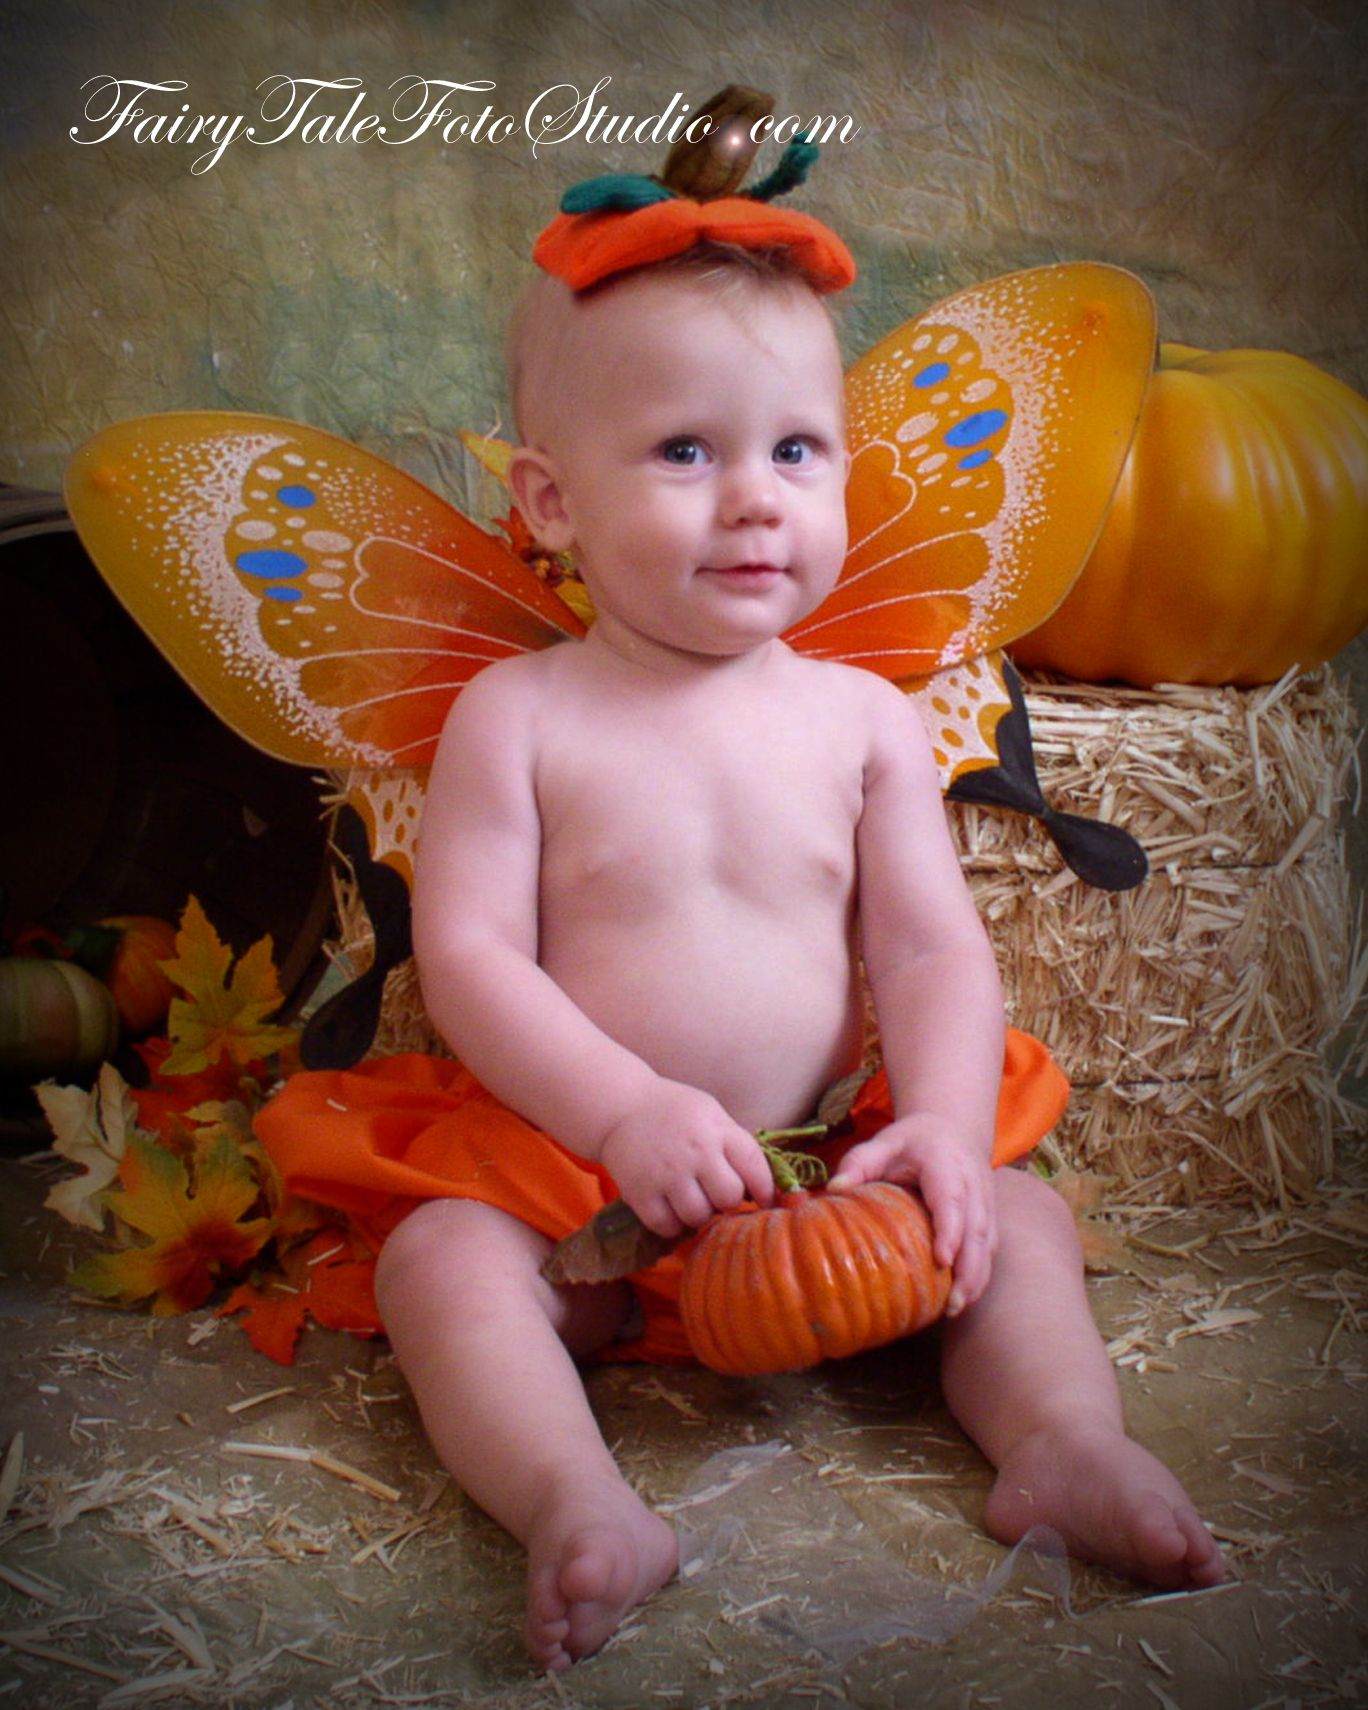 Cute Baby Fairies: Baby Boy Pumpkin Fairy 8 Month Old Fall/Halloween